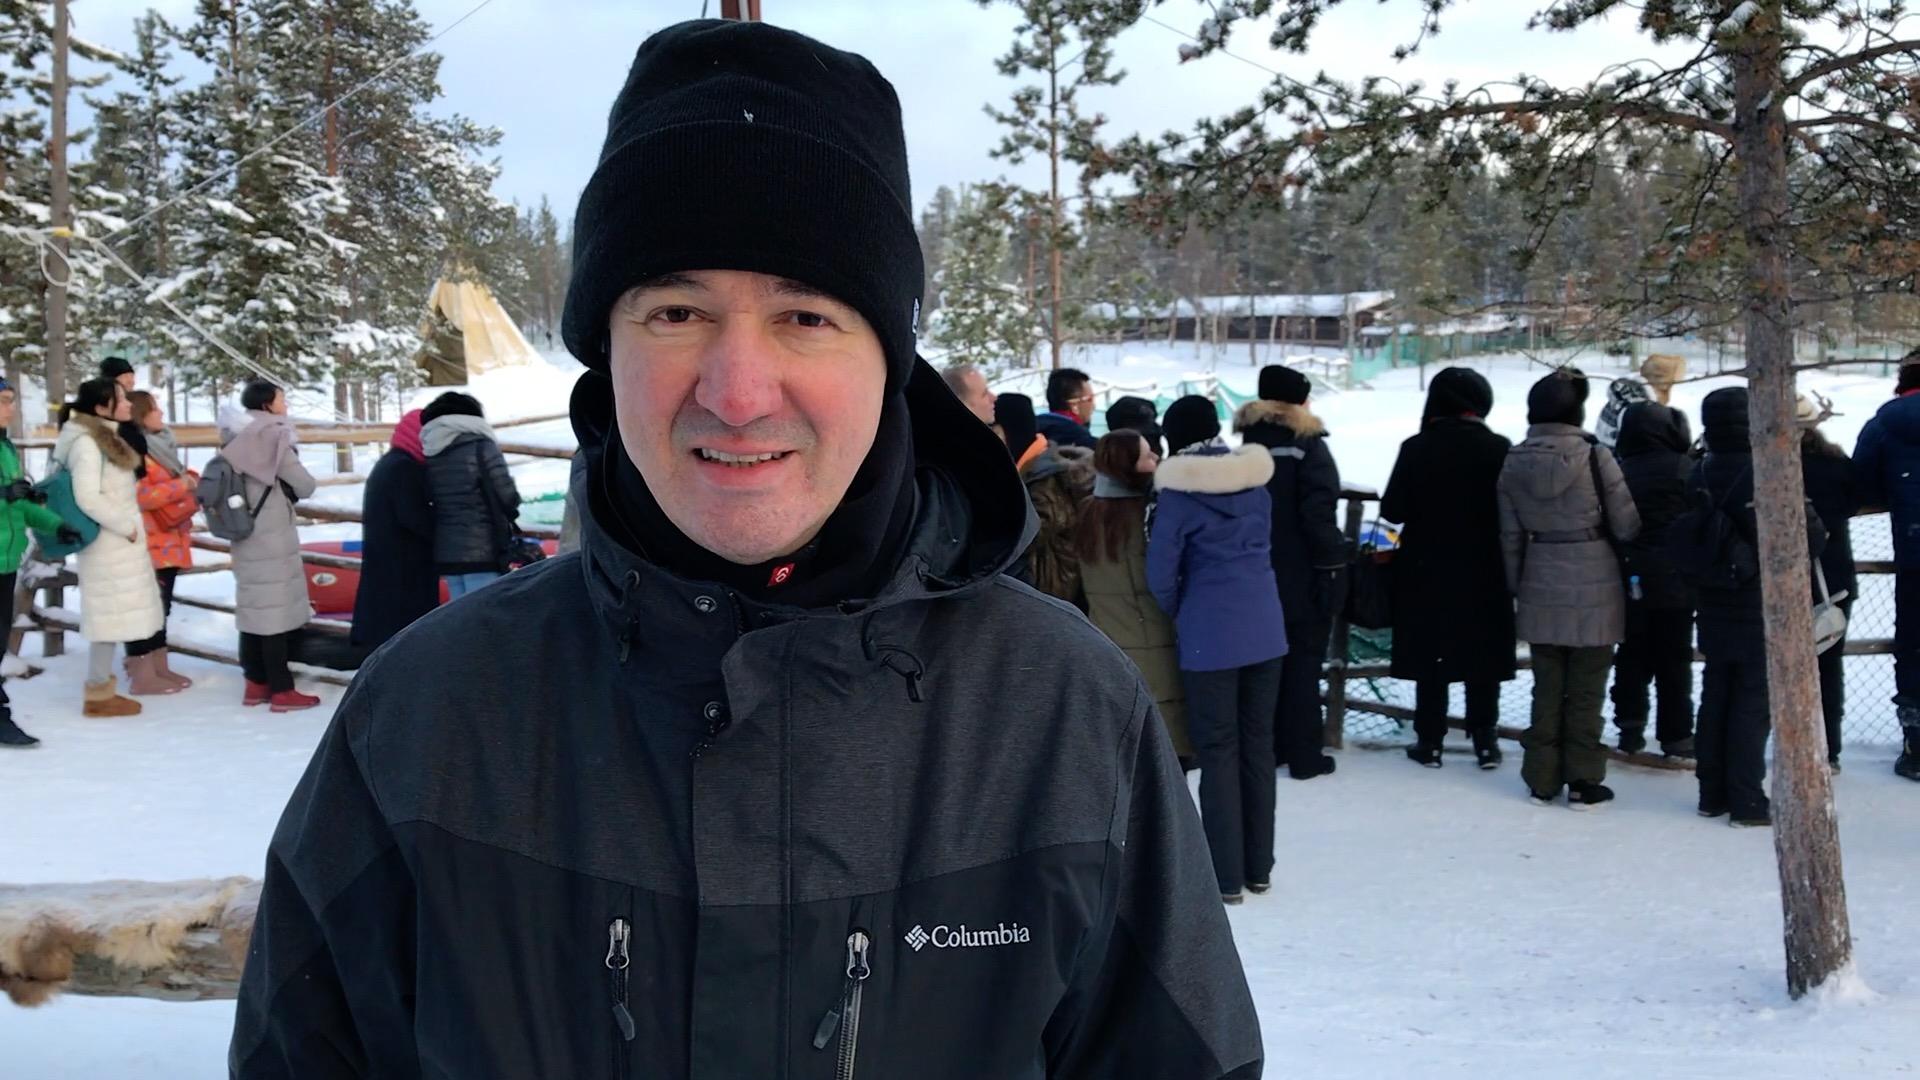 Eduardo Barbosa, diretor da Flot Operadora, na aldeia do povo Saami - os lapões da Rússia (Foto: Claudia Tonaco)